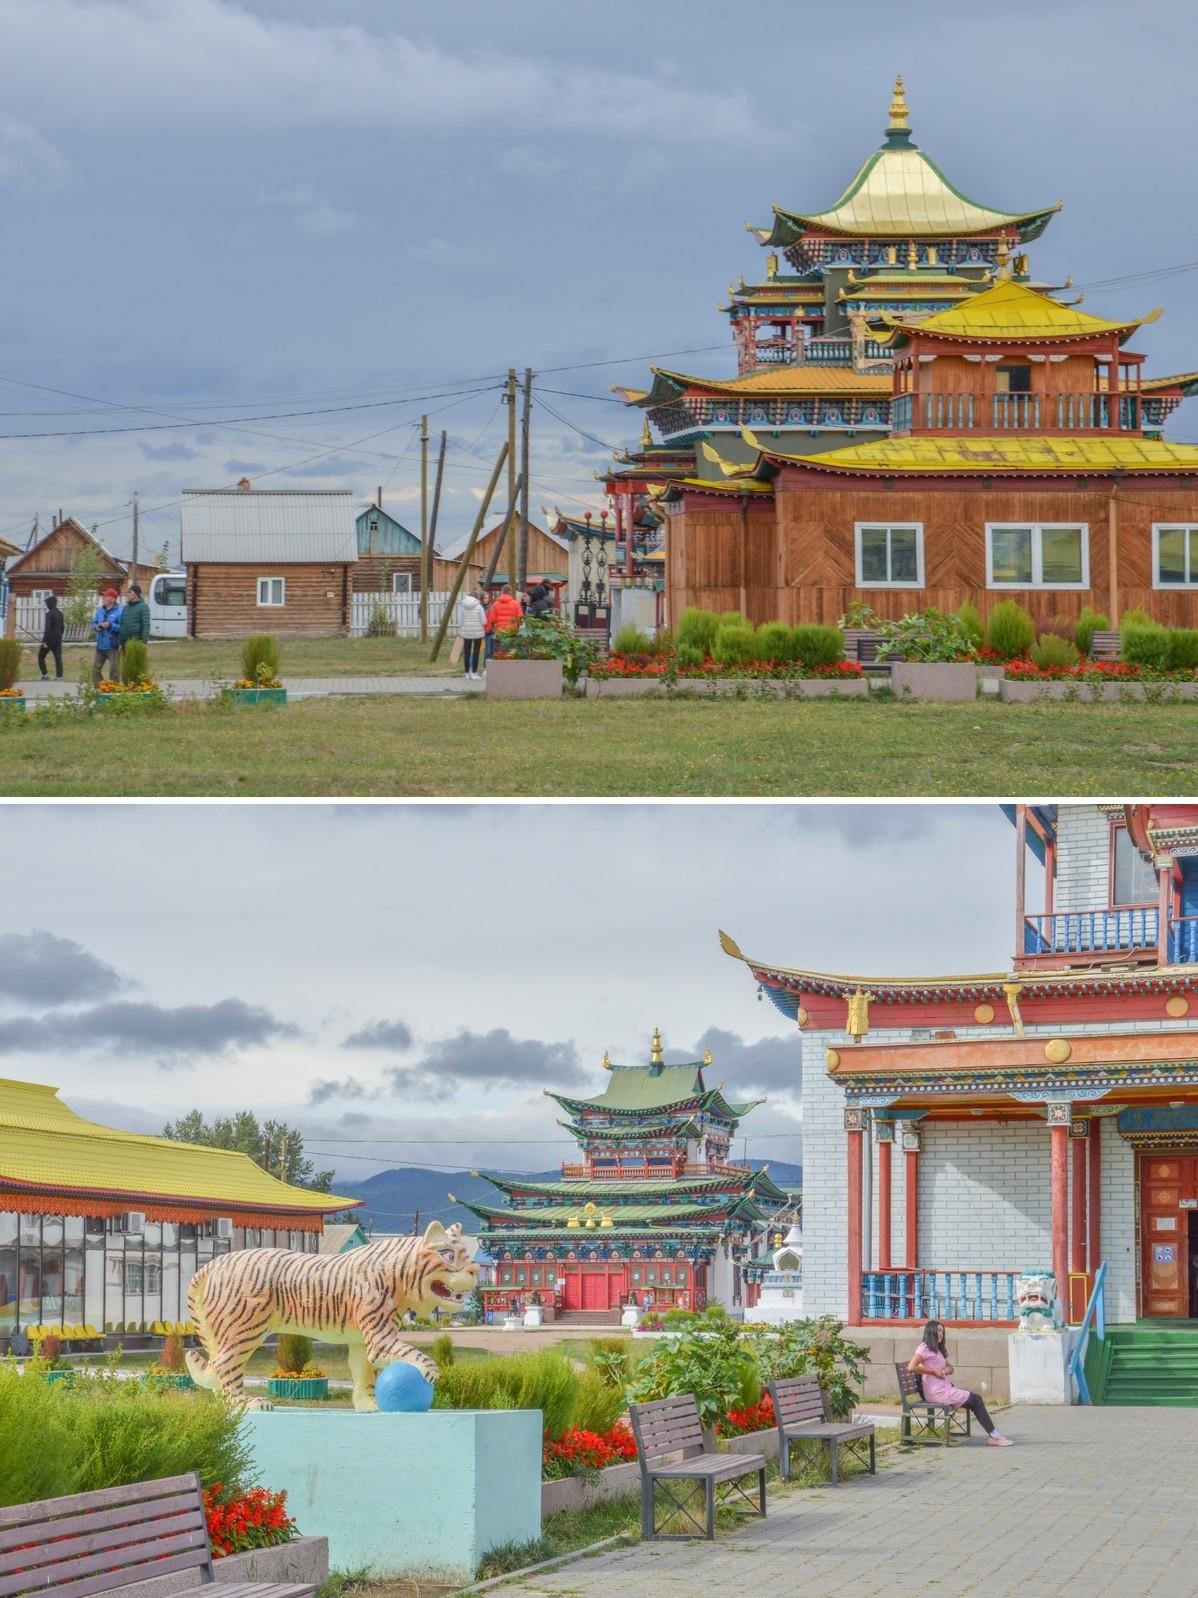 À une heure d'Oulan-Oudé, capitale de la République de Bouriatie, il n'est autre que le centre de la Sangha (communauté bouddhiste) de Russie. Il apparait ainsi comme la résidence du Pandito Khambo-lama, chef spirituel du pays.